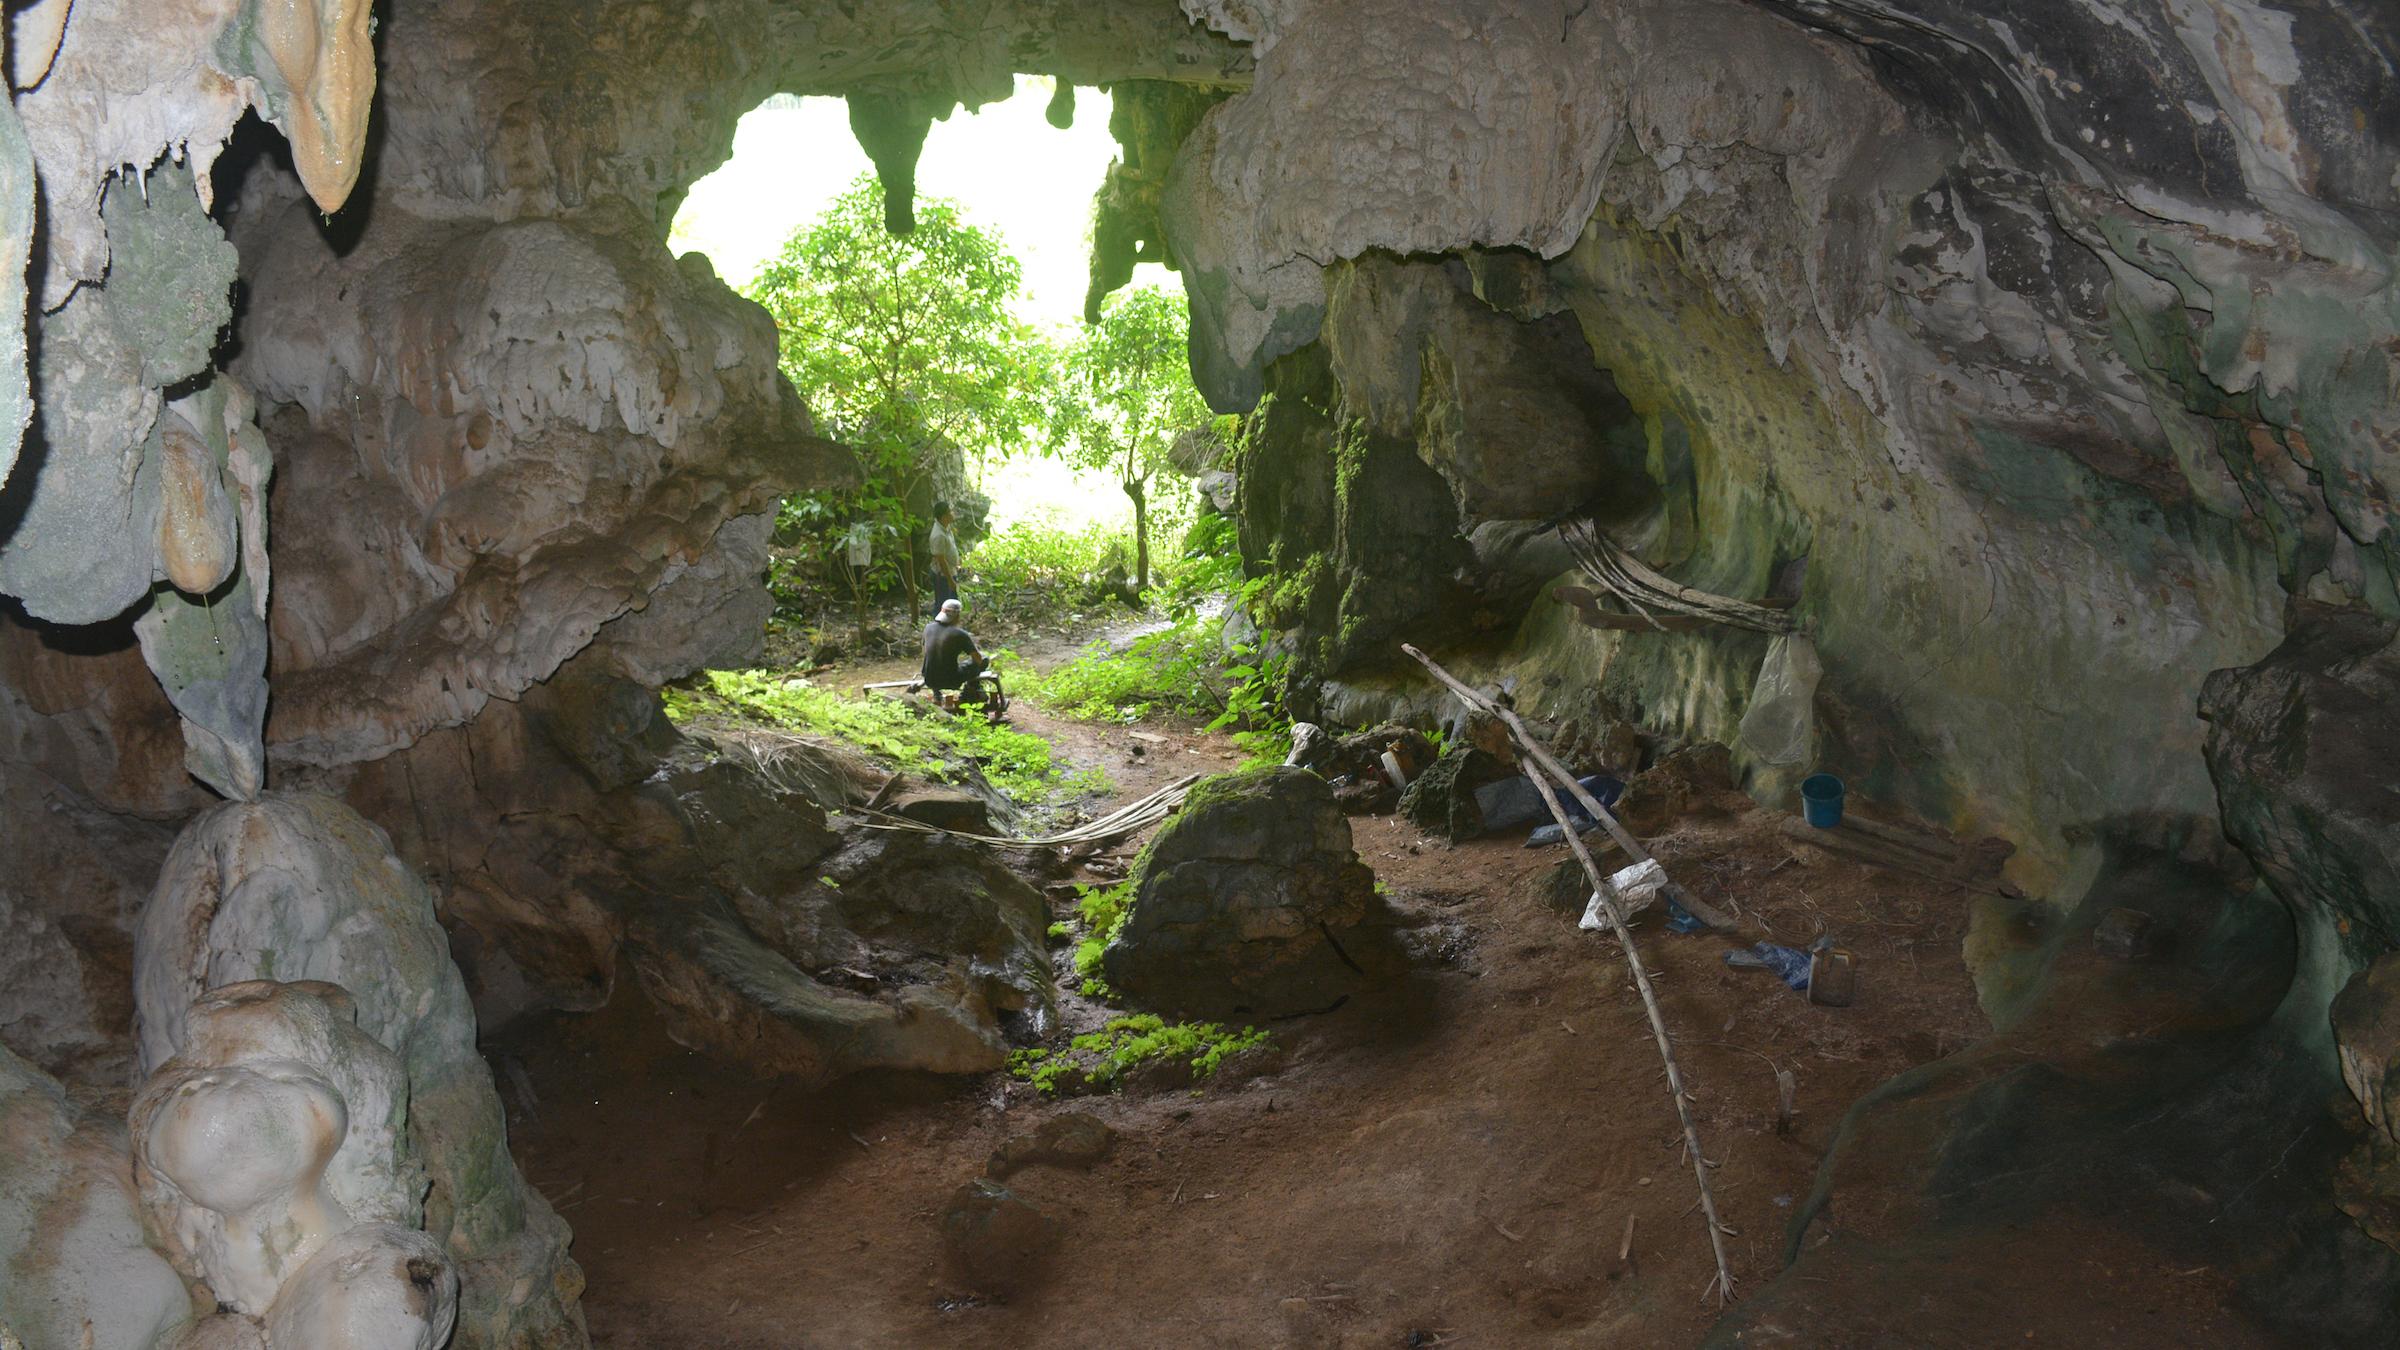 L'embouchure de la grotte de Leang Tedongnge.